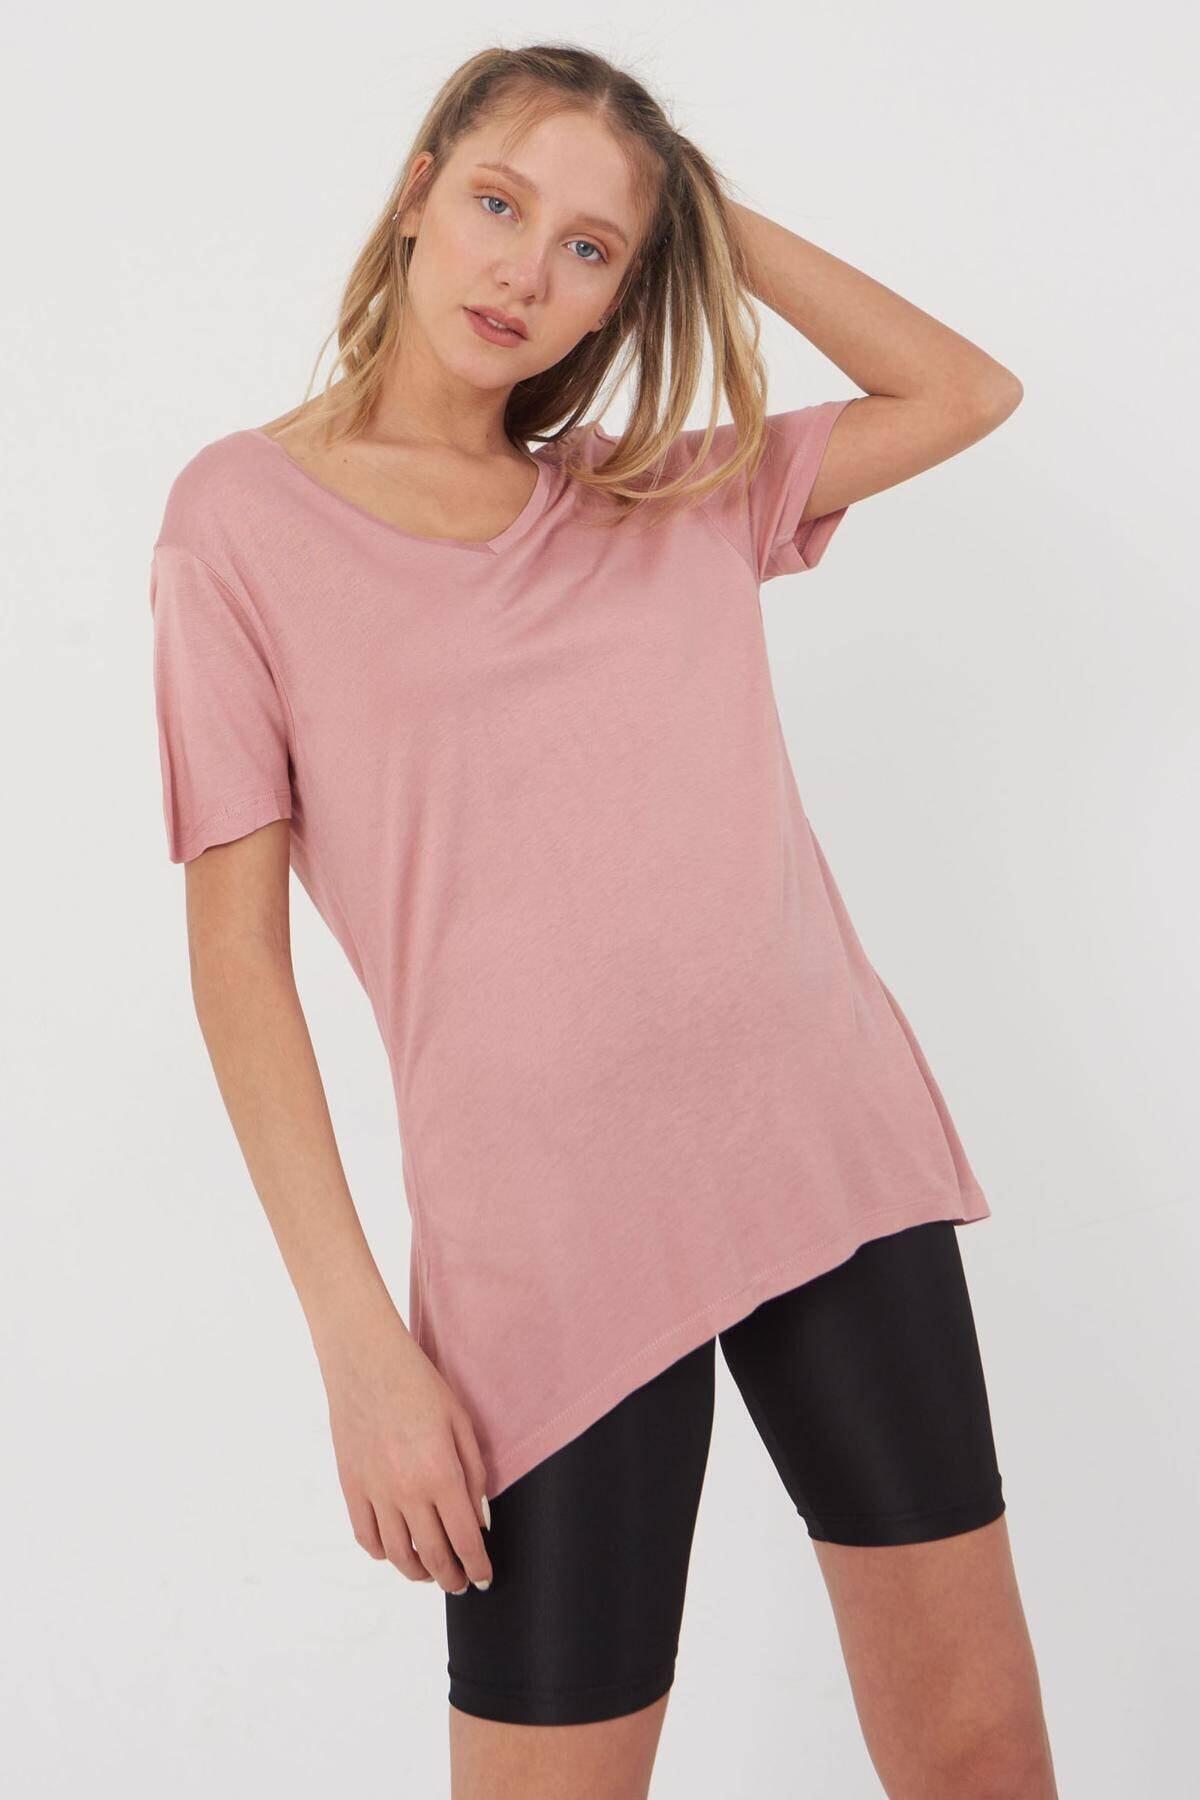 Addax Kadın Pudra V Yaka T-Shirt B0225 - L7 - L8 Adx-00008886 0